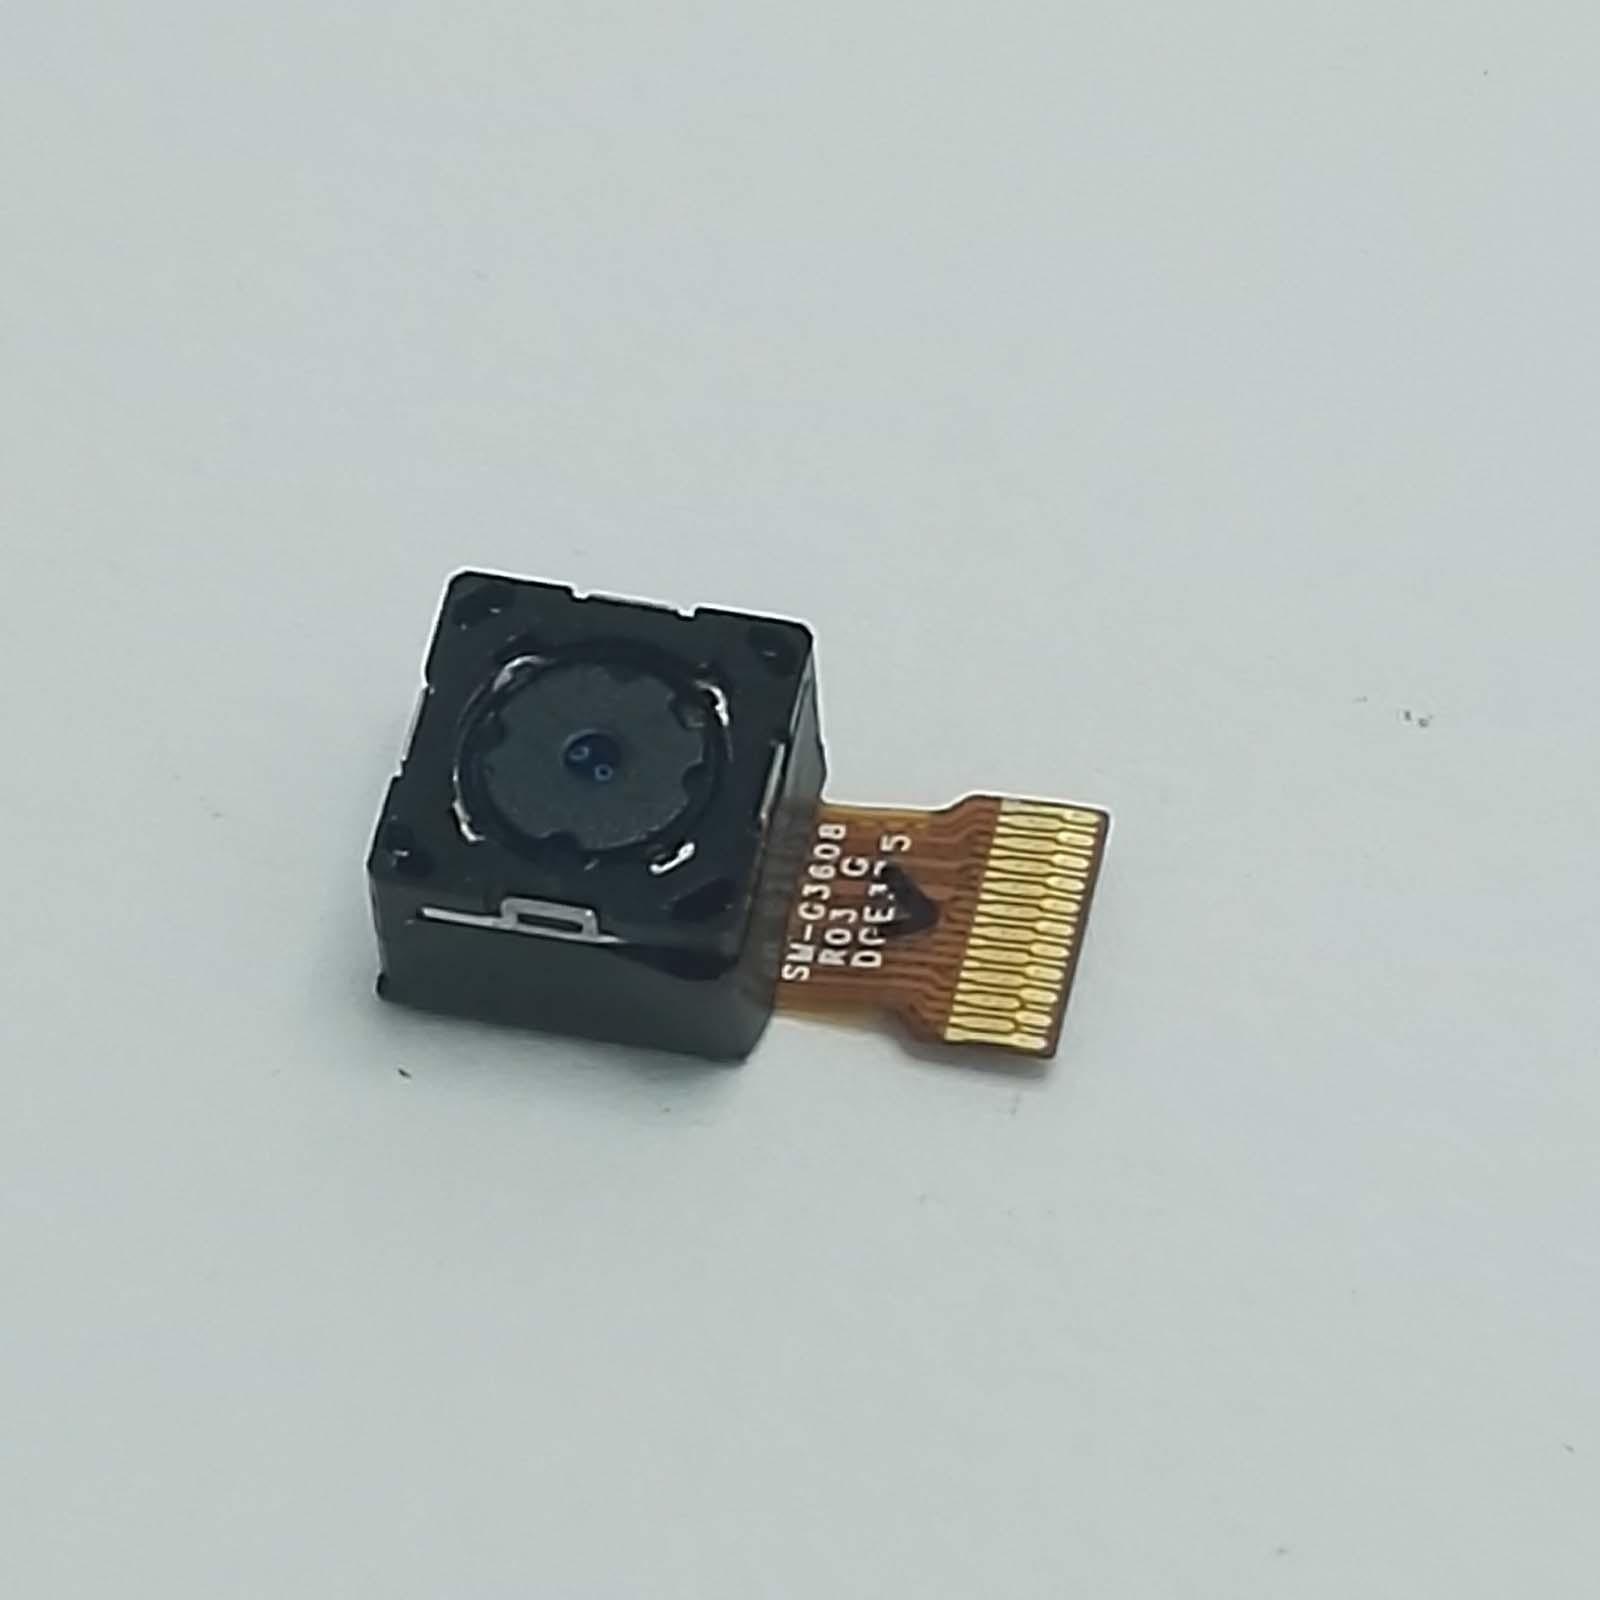 Fotocamera posteriore Samsung Galaxy Core Prime SM-G360F G360 camera principale